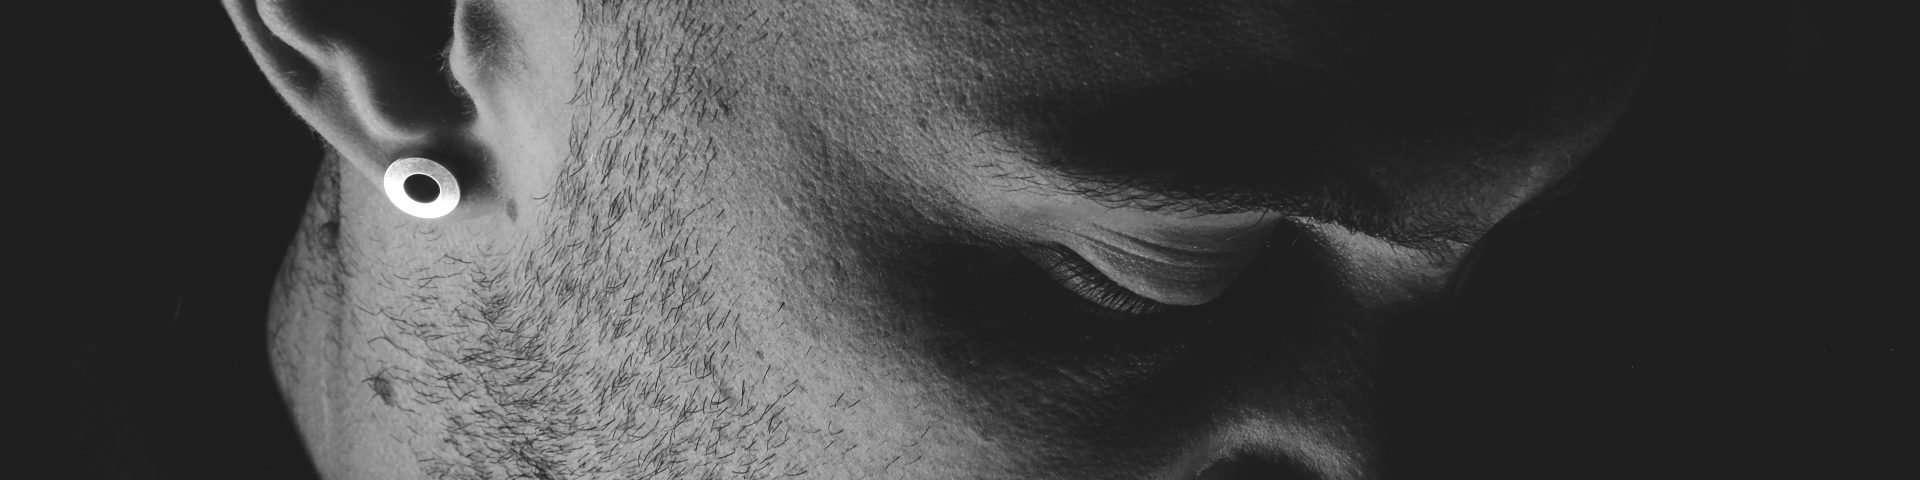 Sind Narzissten böse? Oder können sie einfach nicht anders?